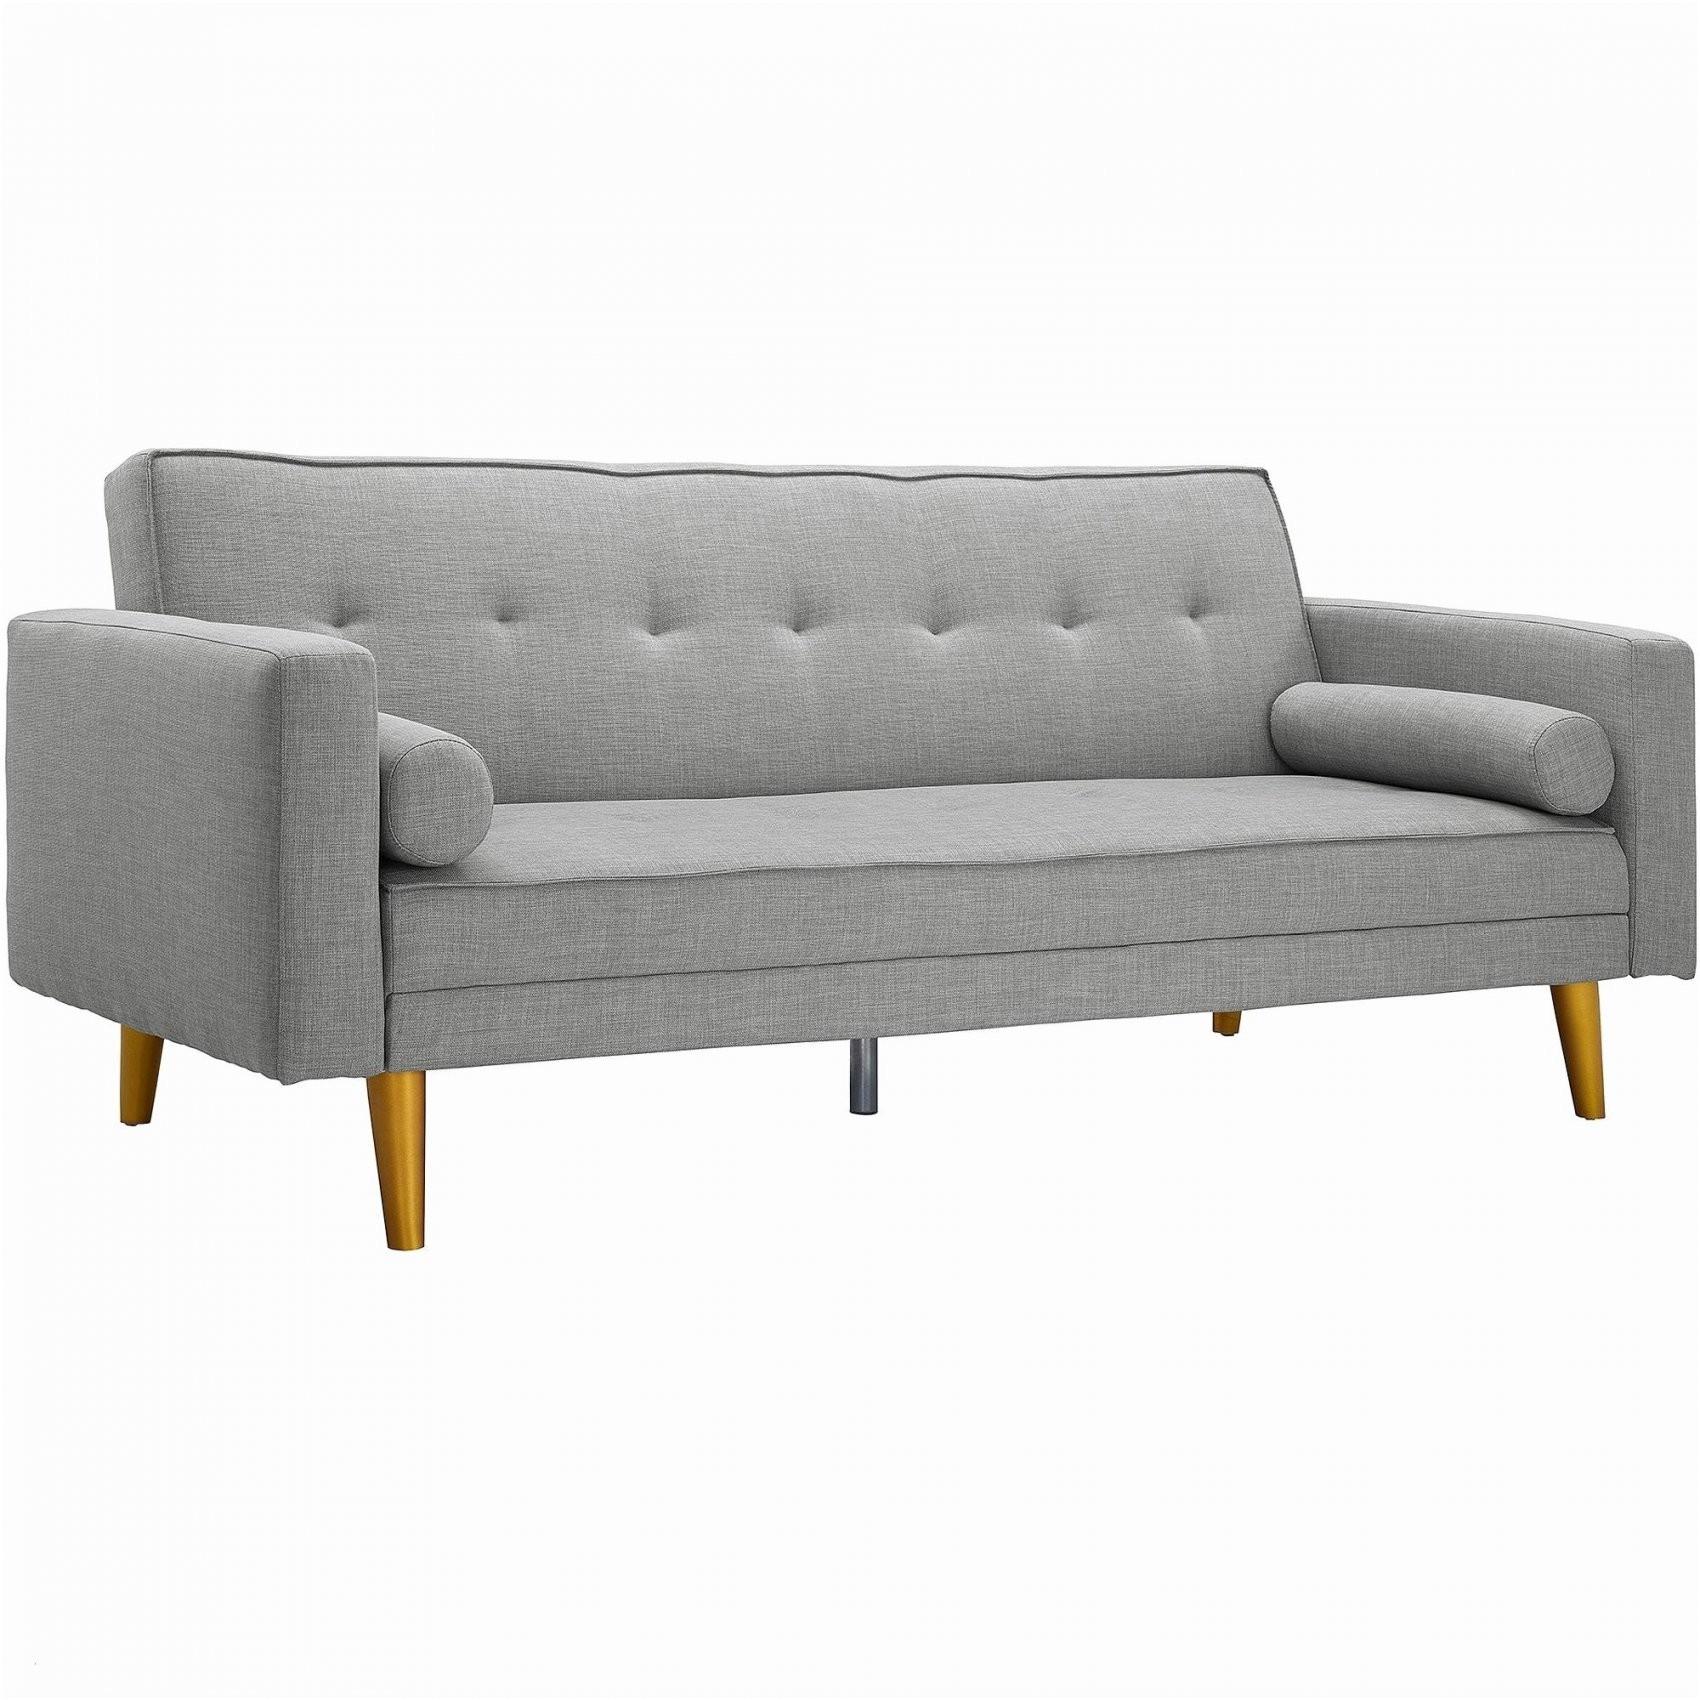 2 Sitzer Sofa Zum Ausziehen Genial Graues Ecksofa Cognovant von 2 Sitzer Sofa Zum Ausziehen Bild